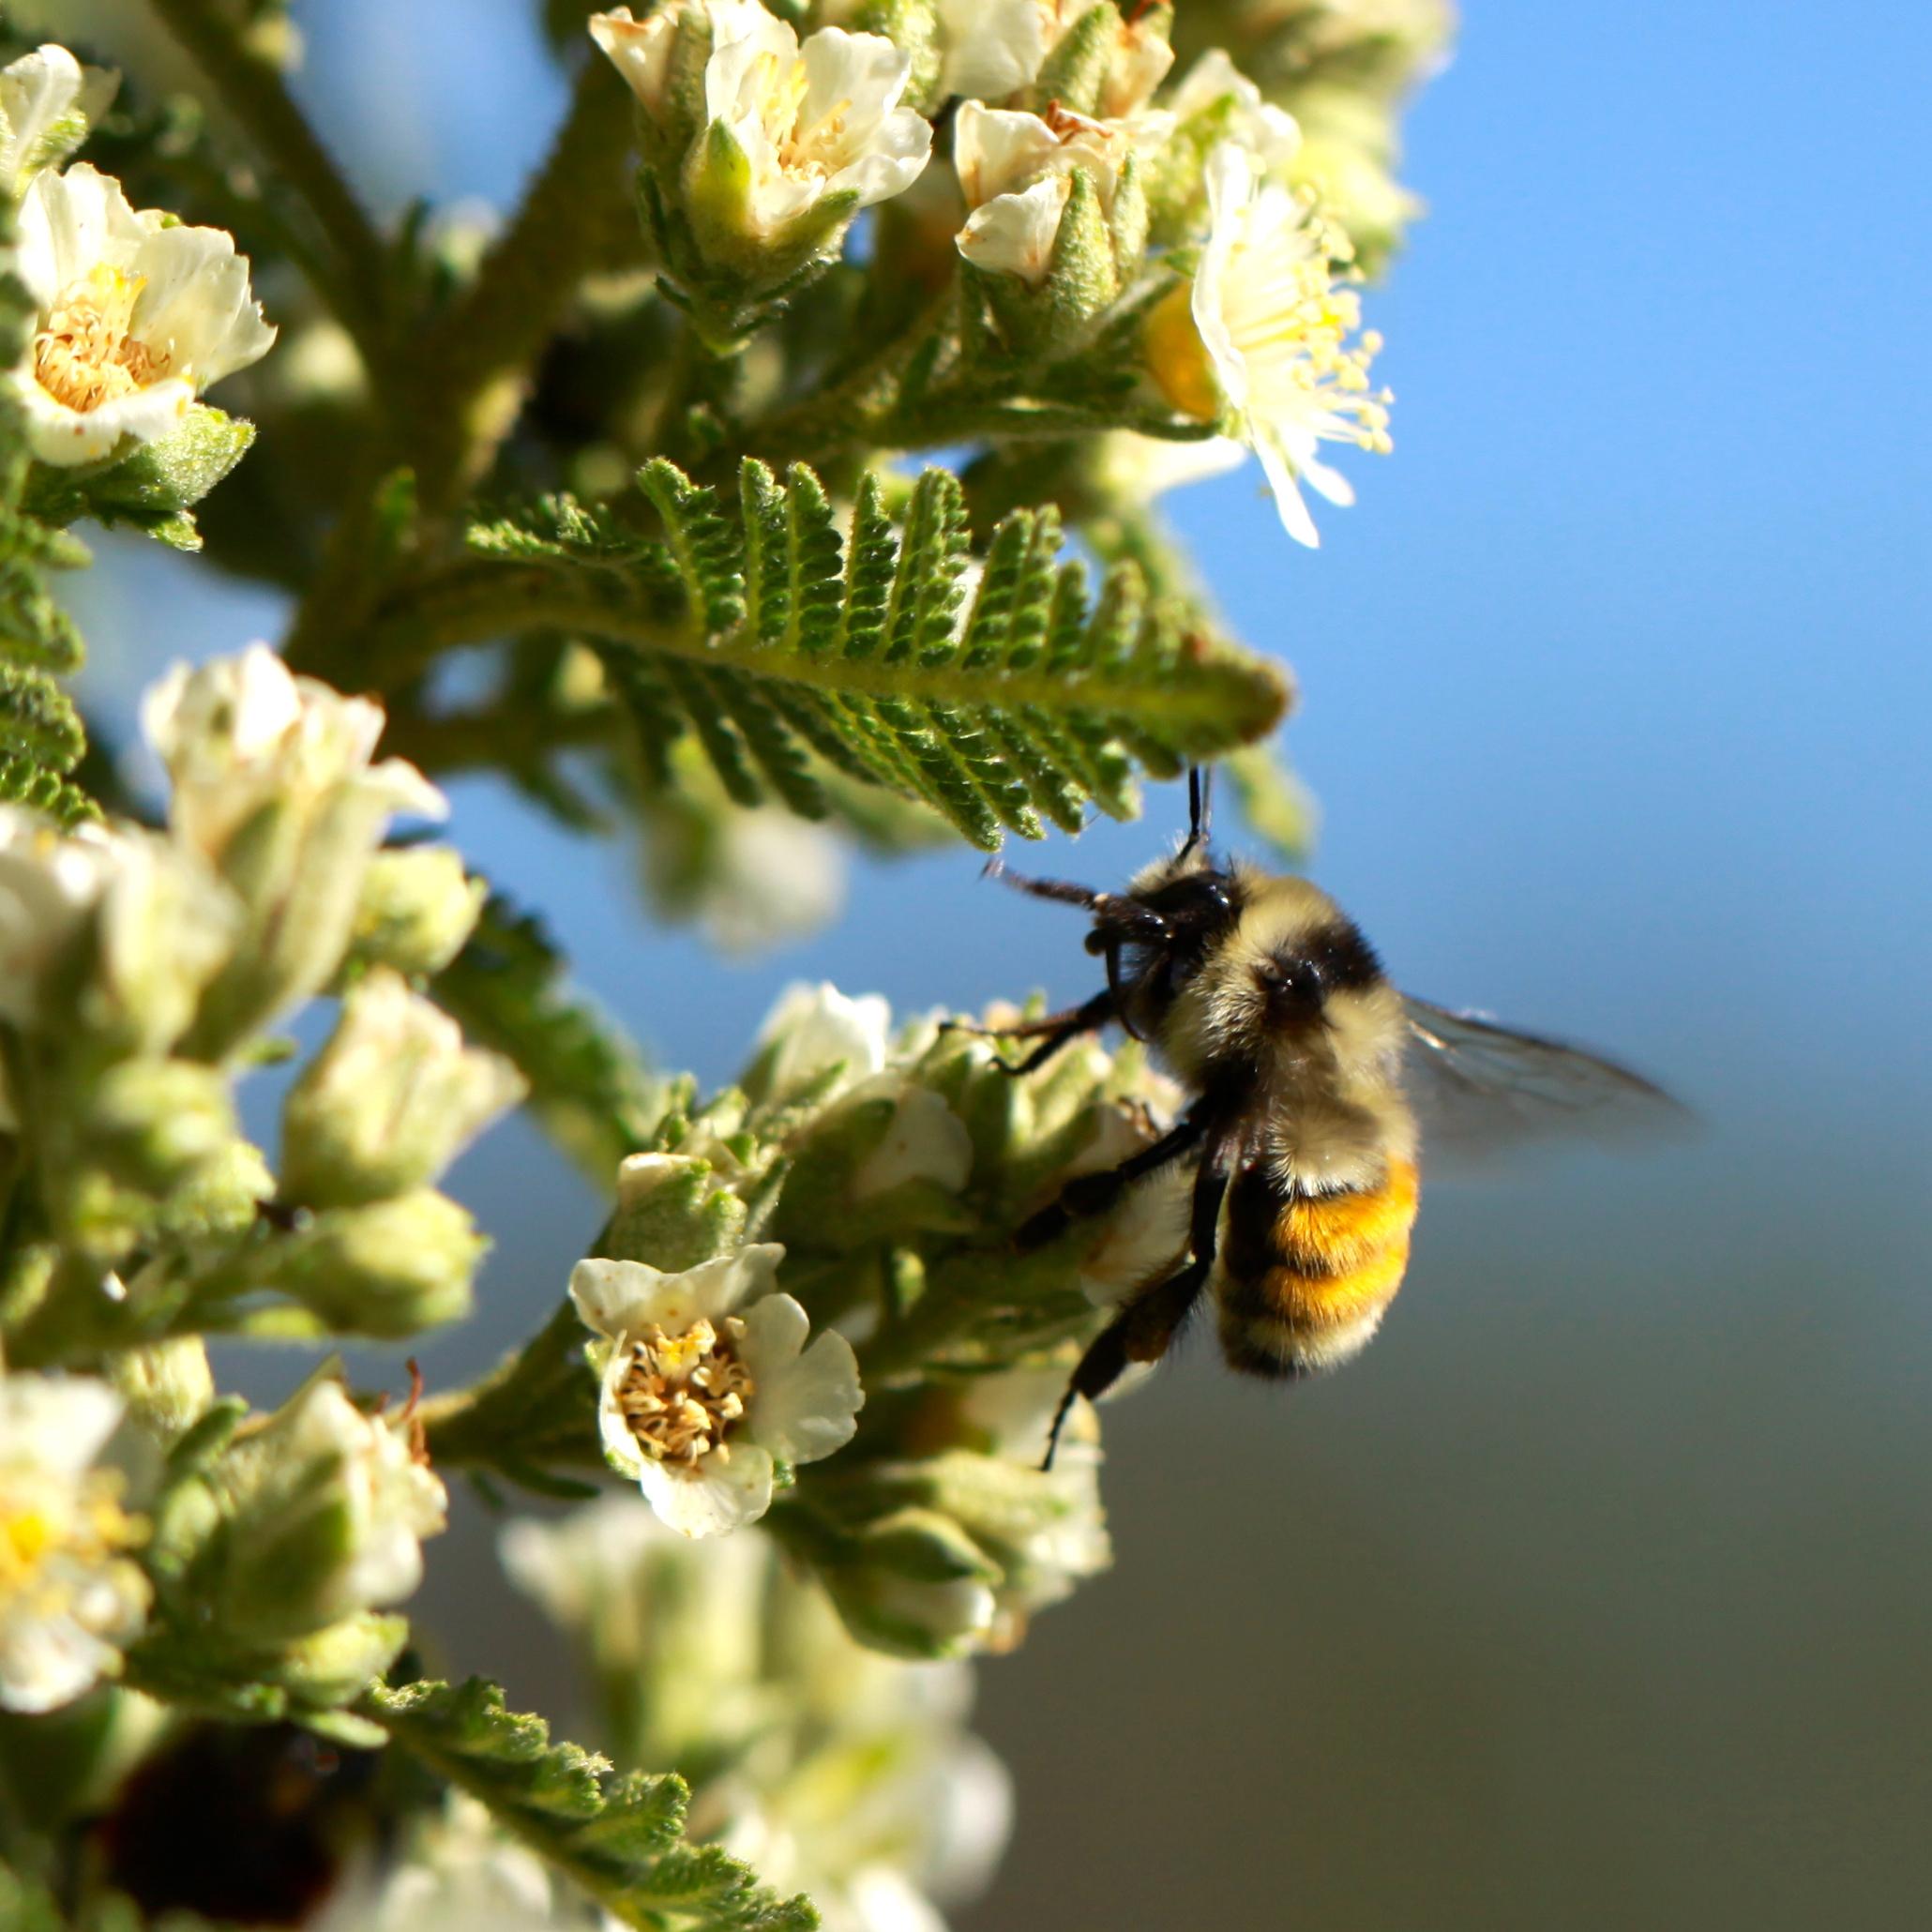 Another bumblebee, I think Bombus huntii.